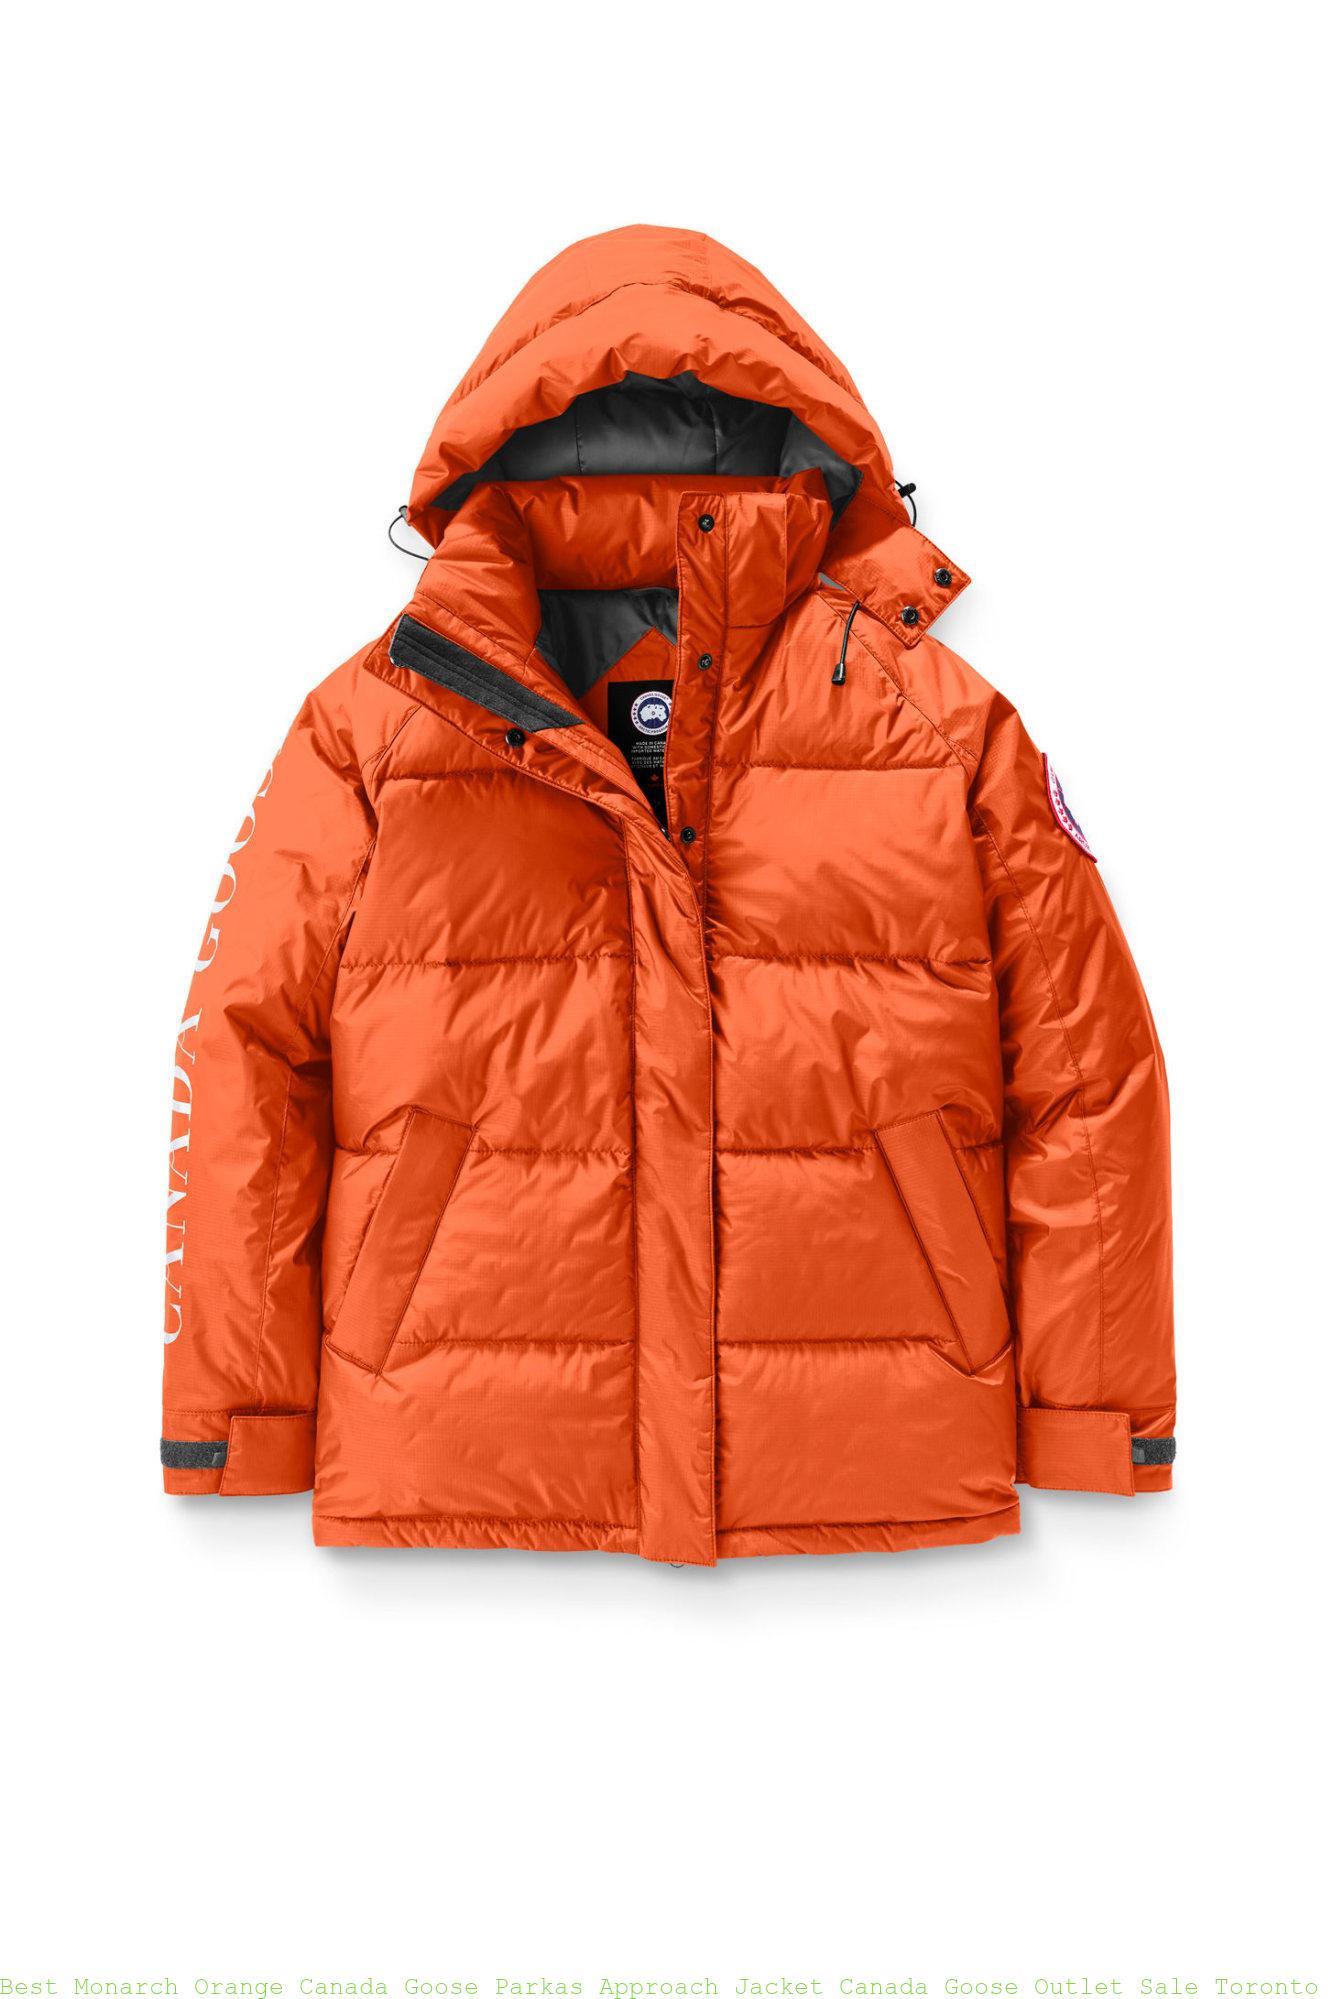 06c0bd82dd8 Best Monarch Orange Canada Goose Parkas Approach Jacket Canada Goose Outlet  Sale Toronto 2078L